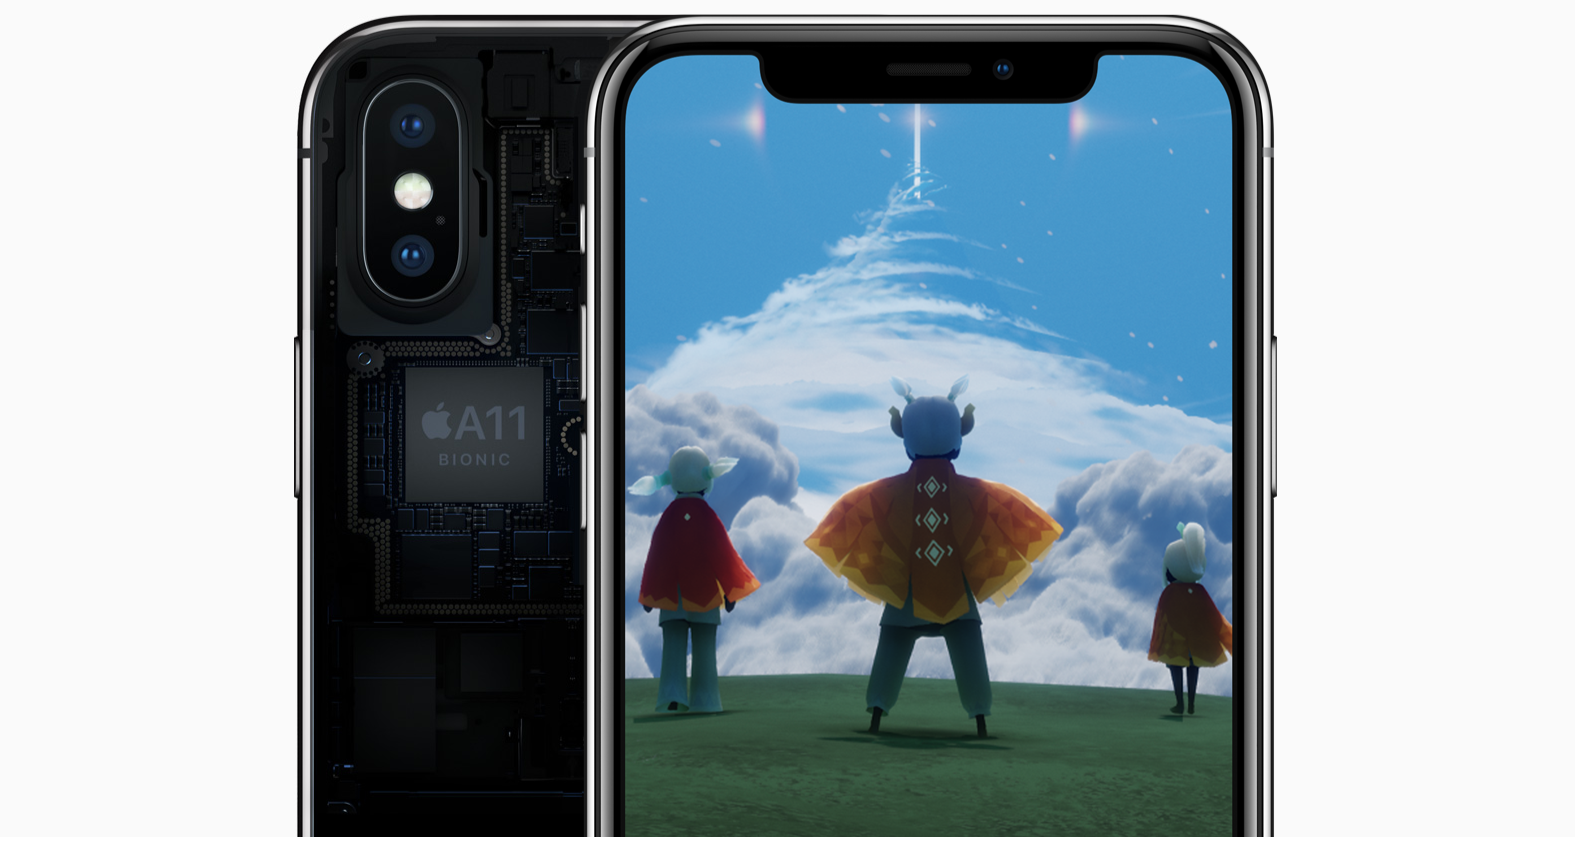 A11 Bionic, CPU und GPU im iPhone X